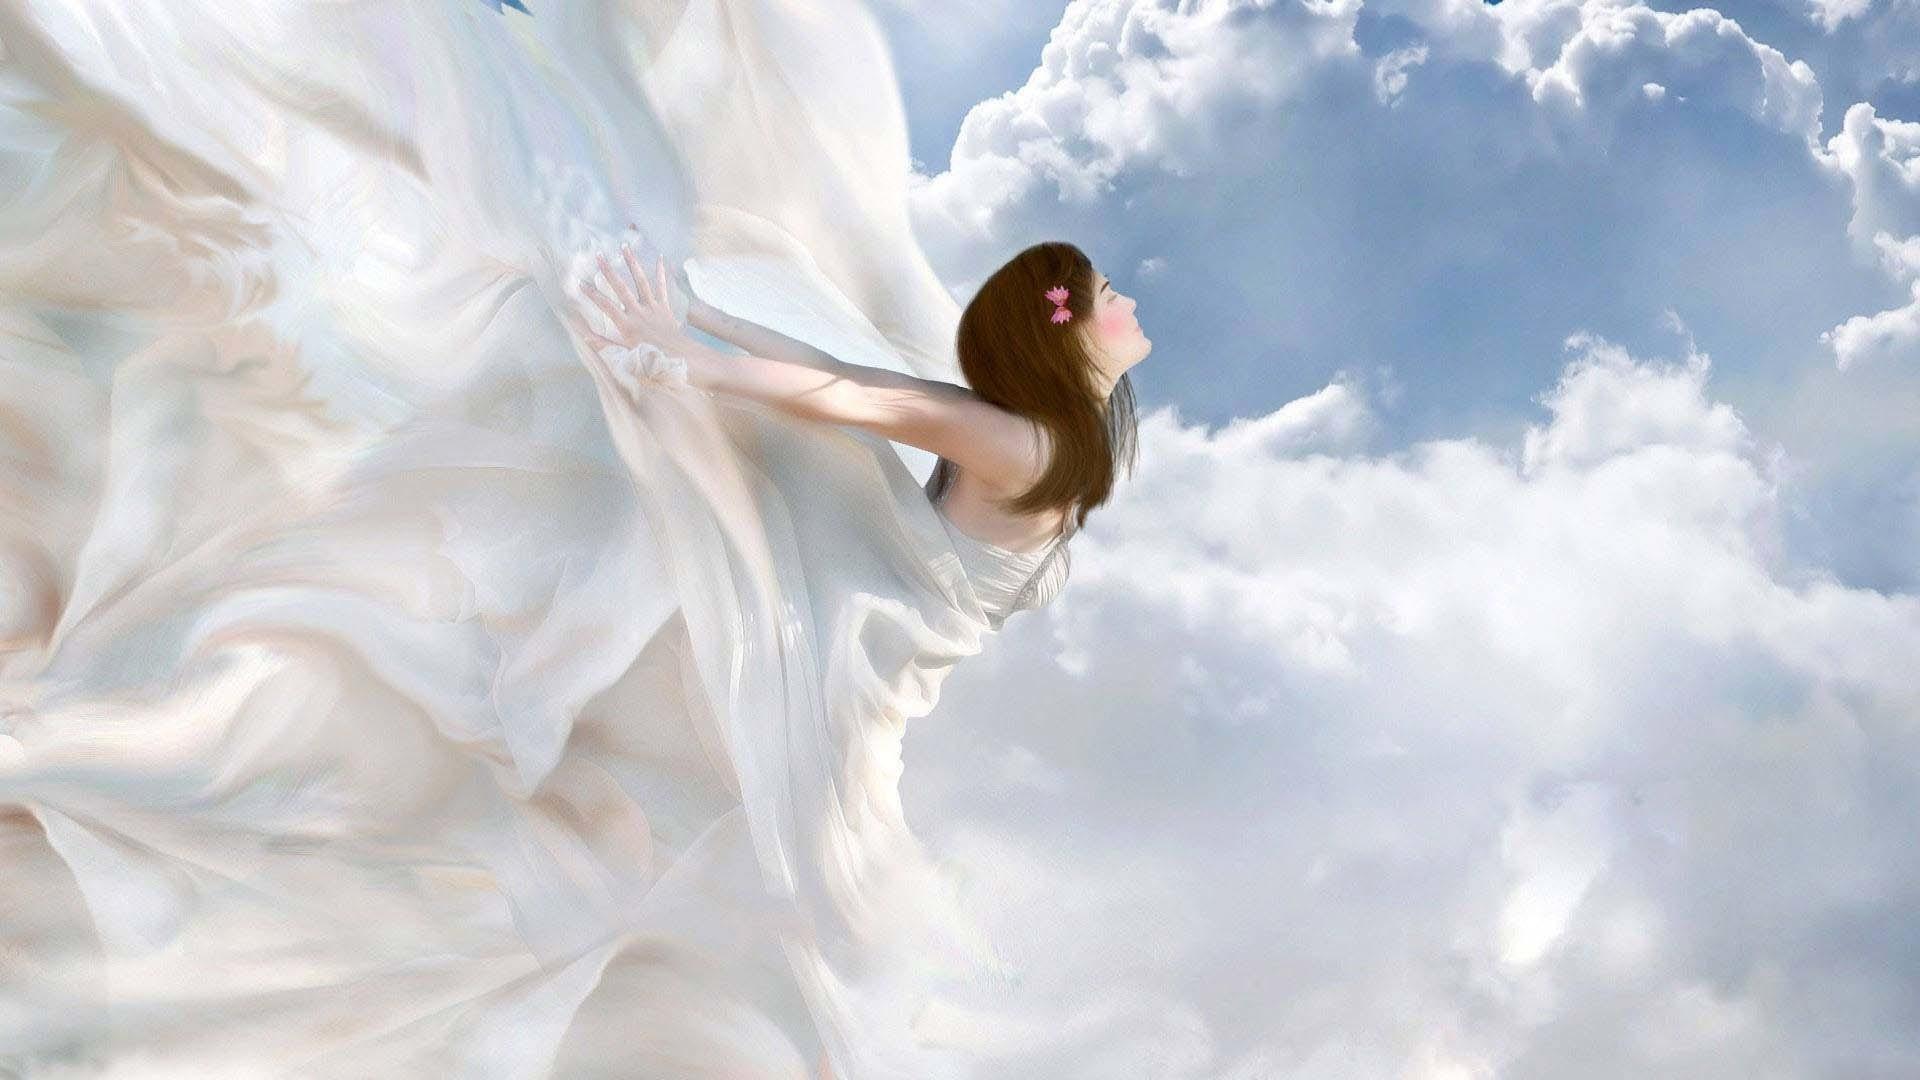 Flying Girl Image